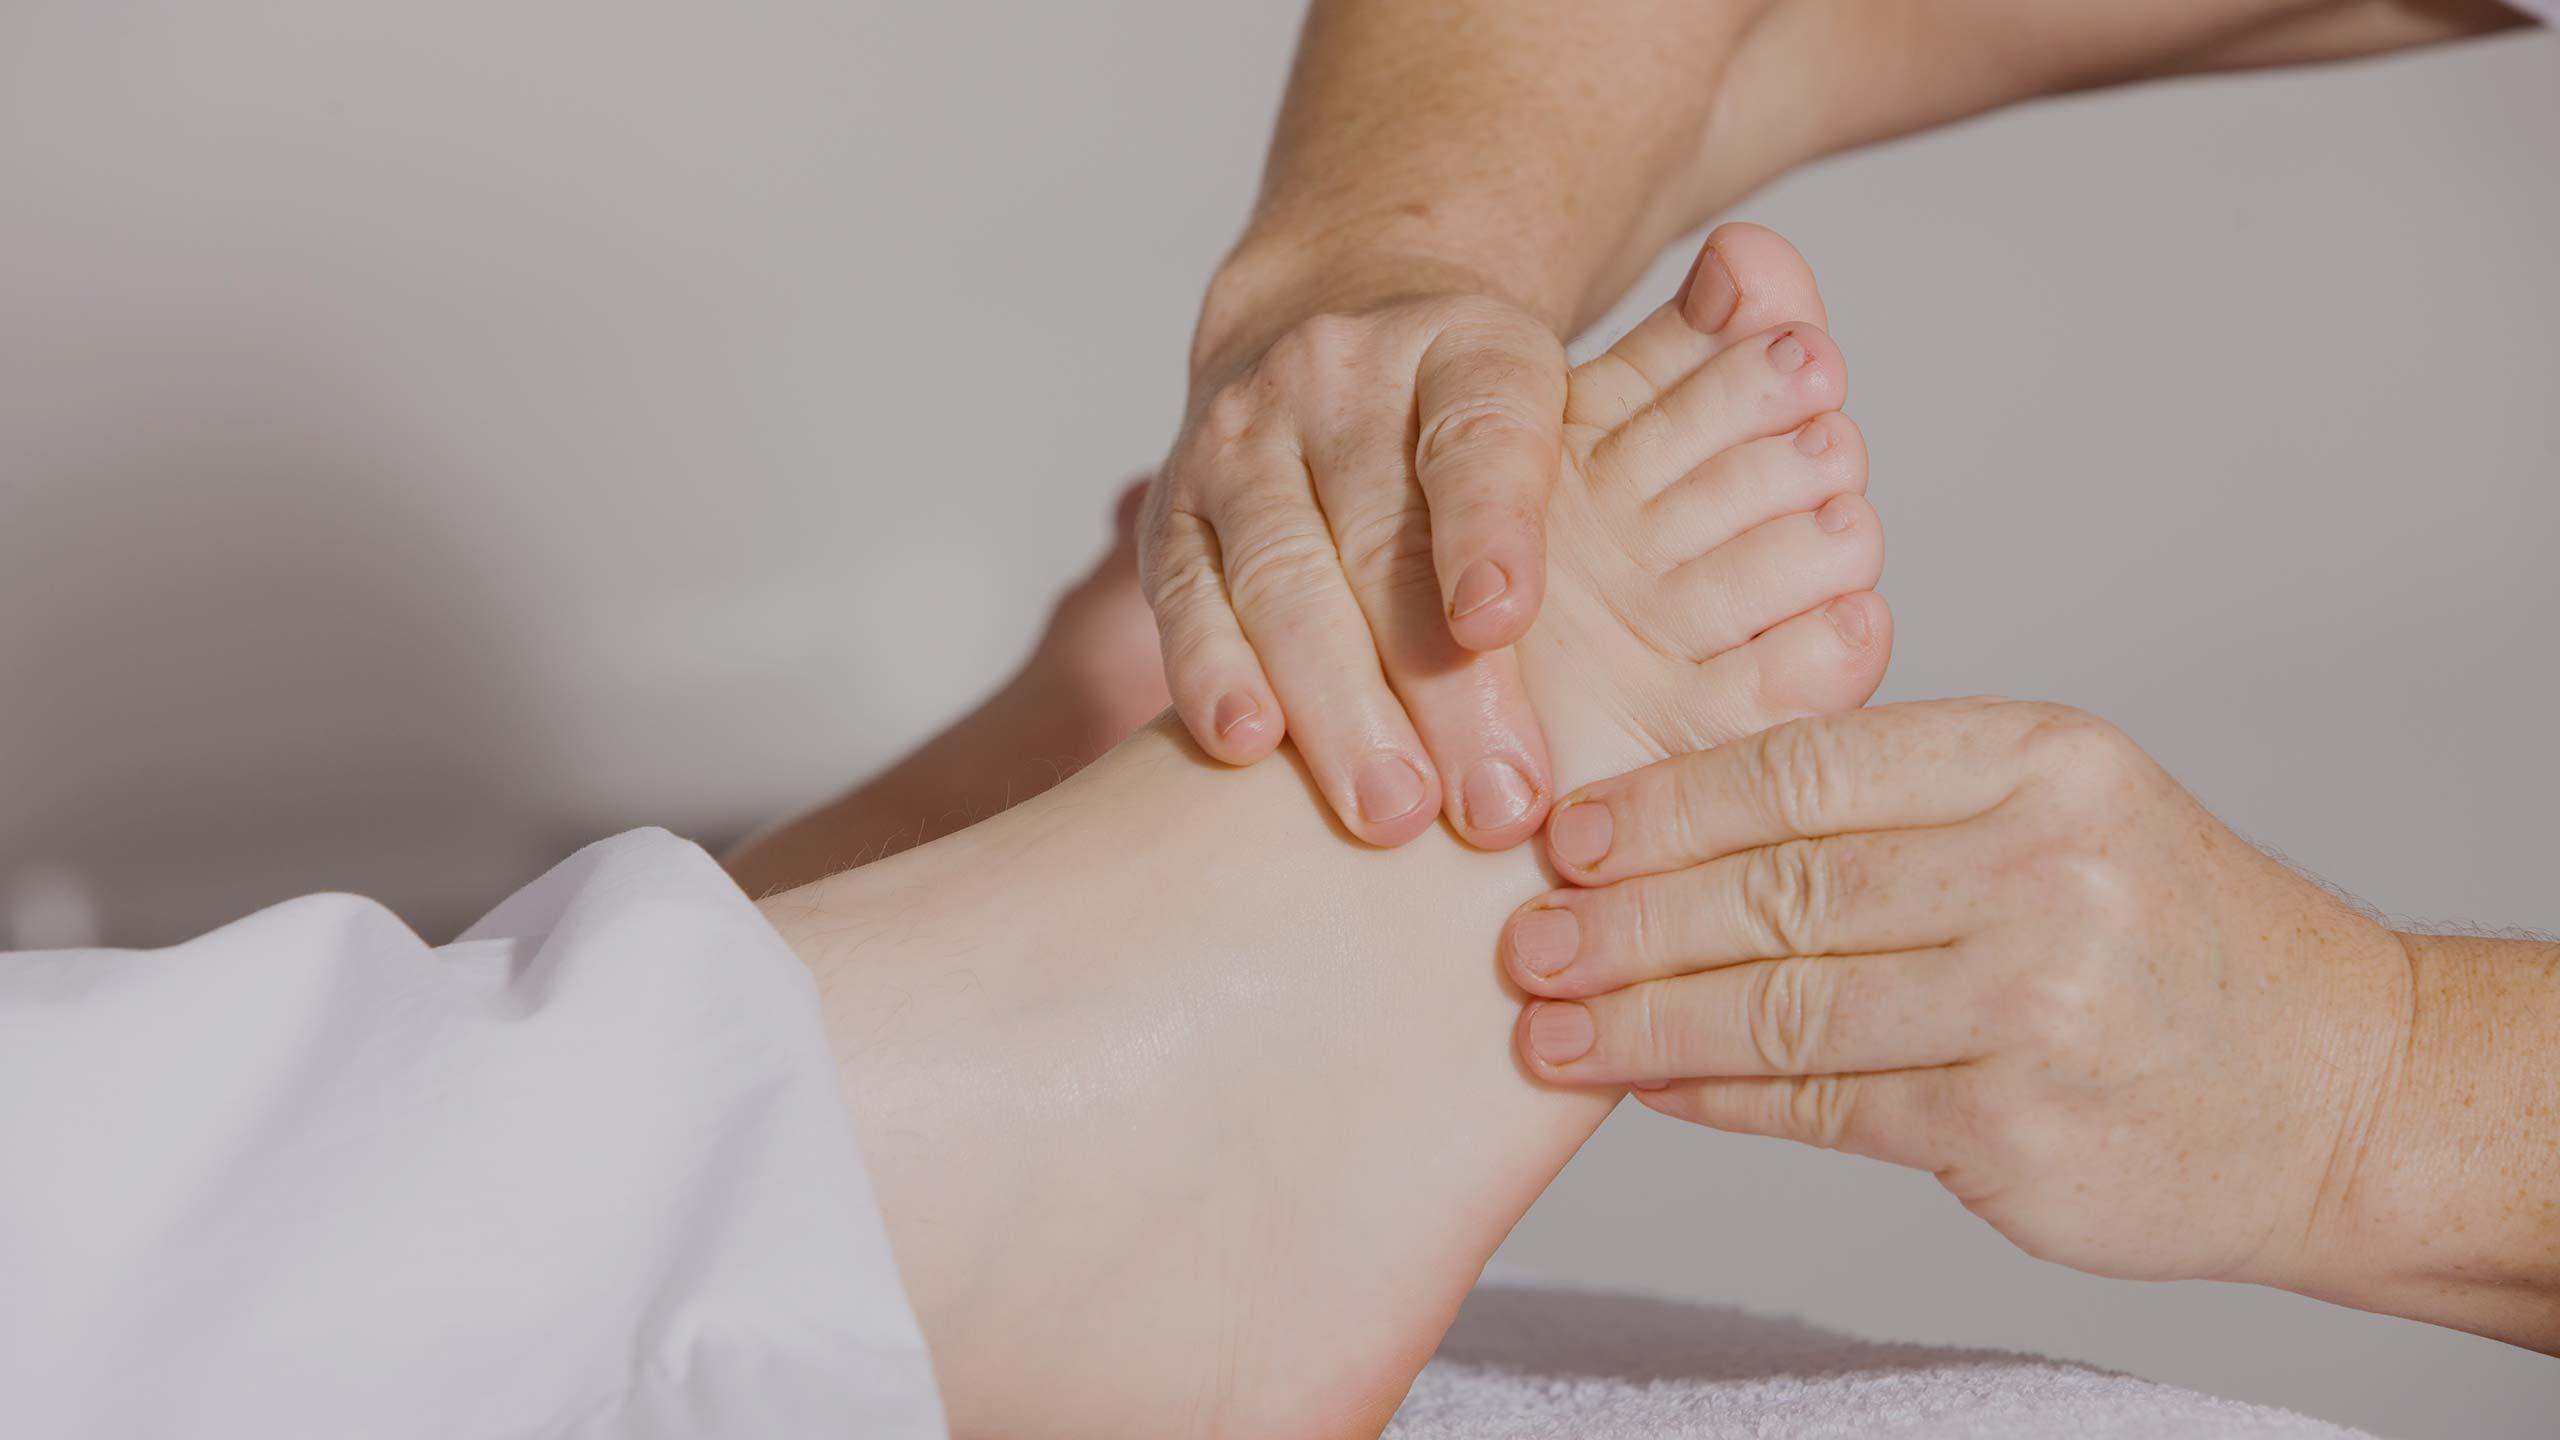 Drenaje Linfático a través de los pies